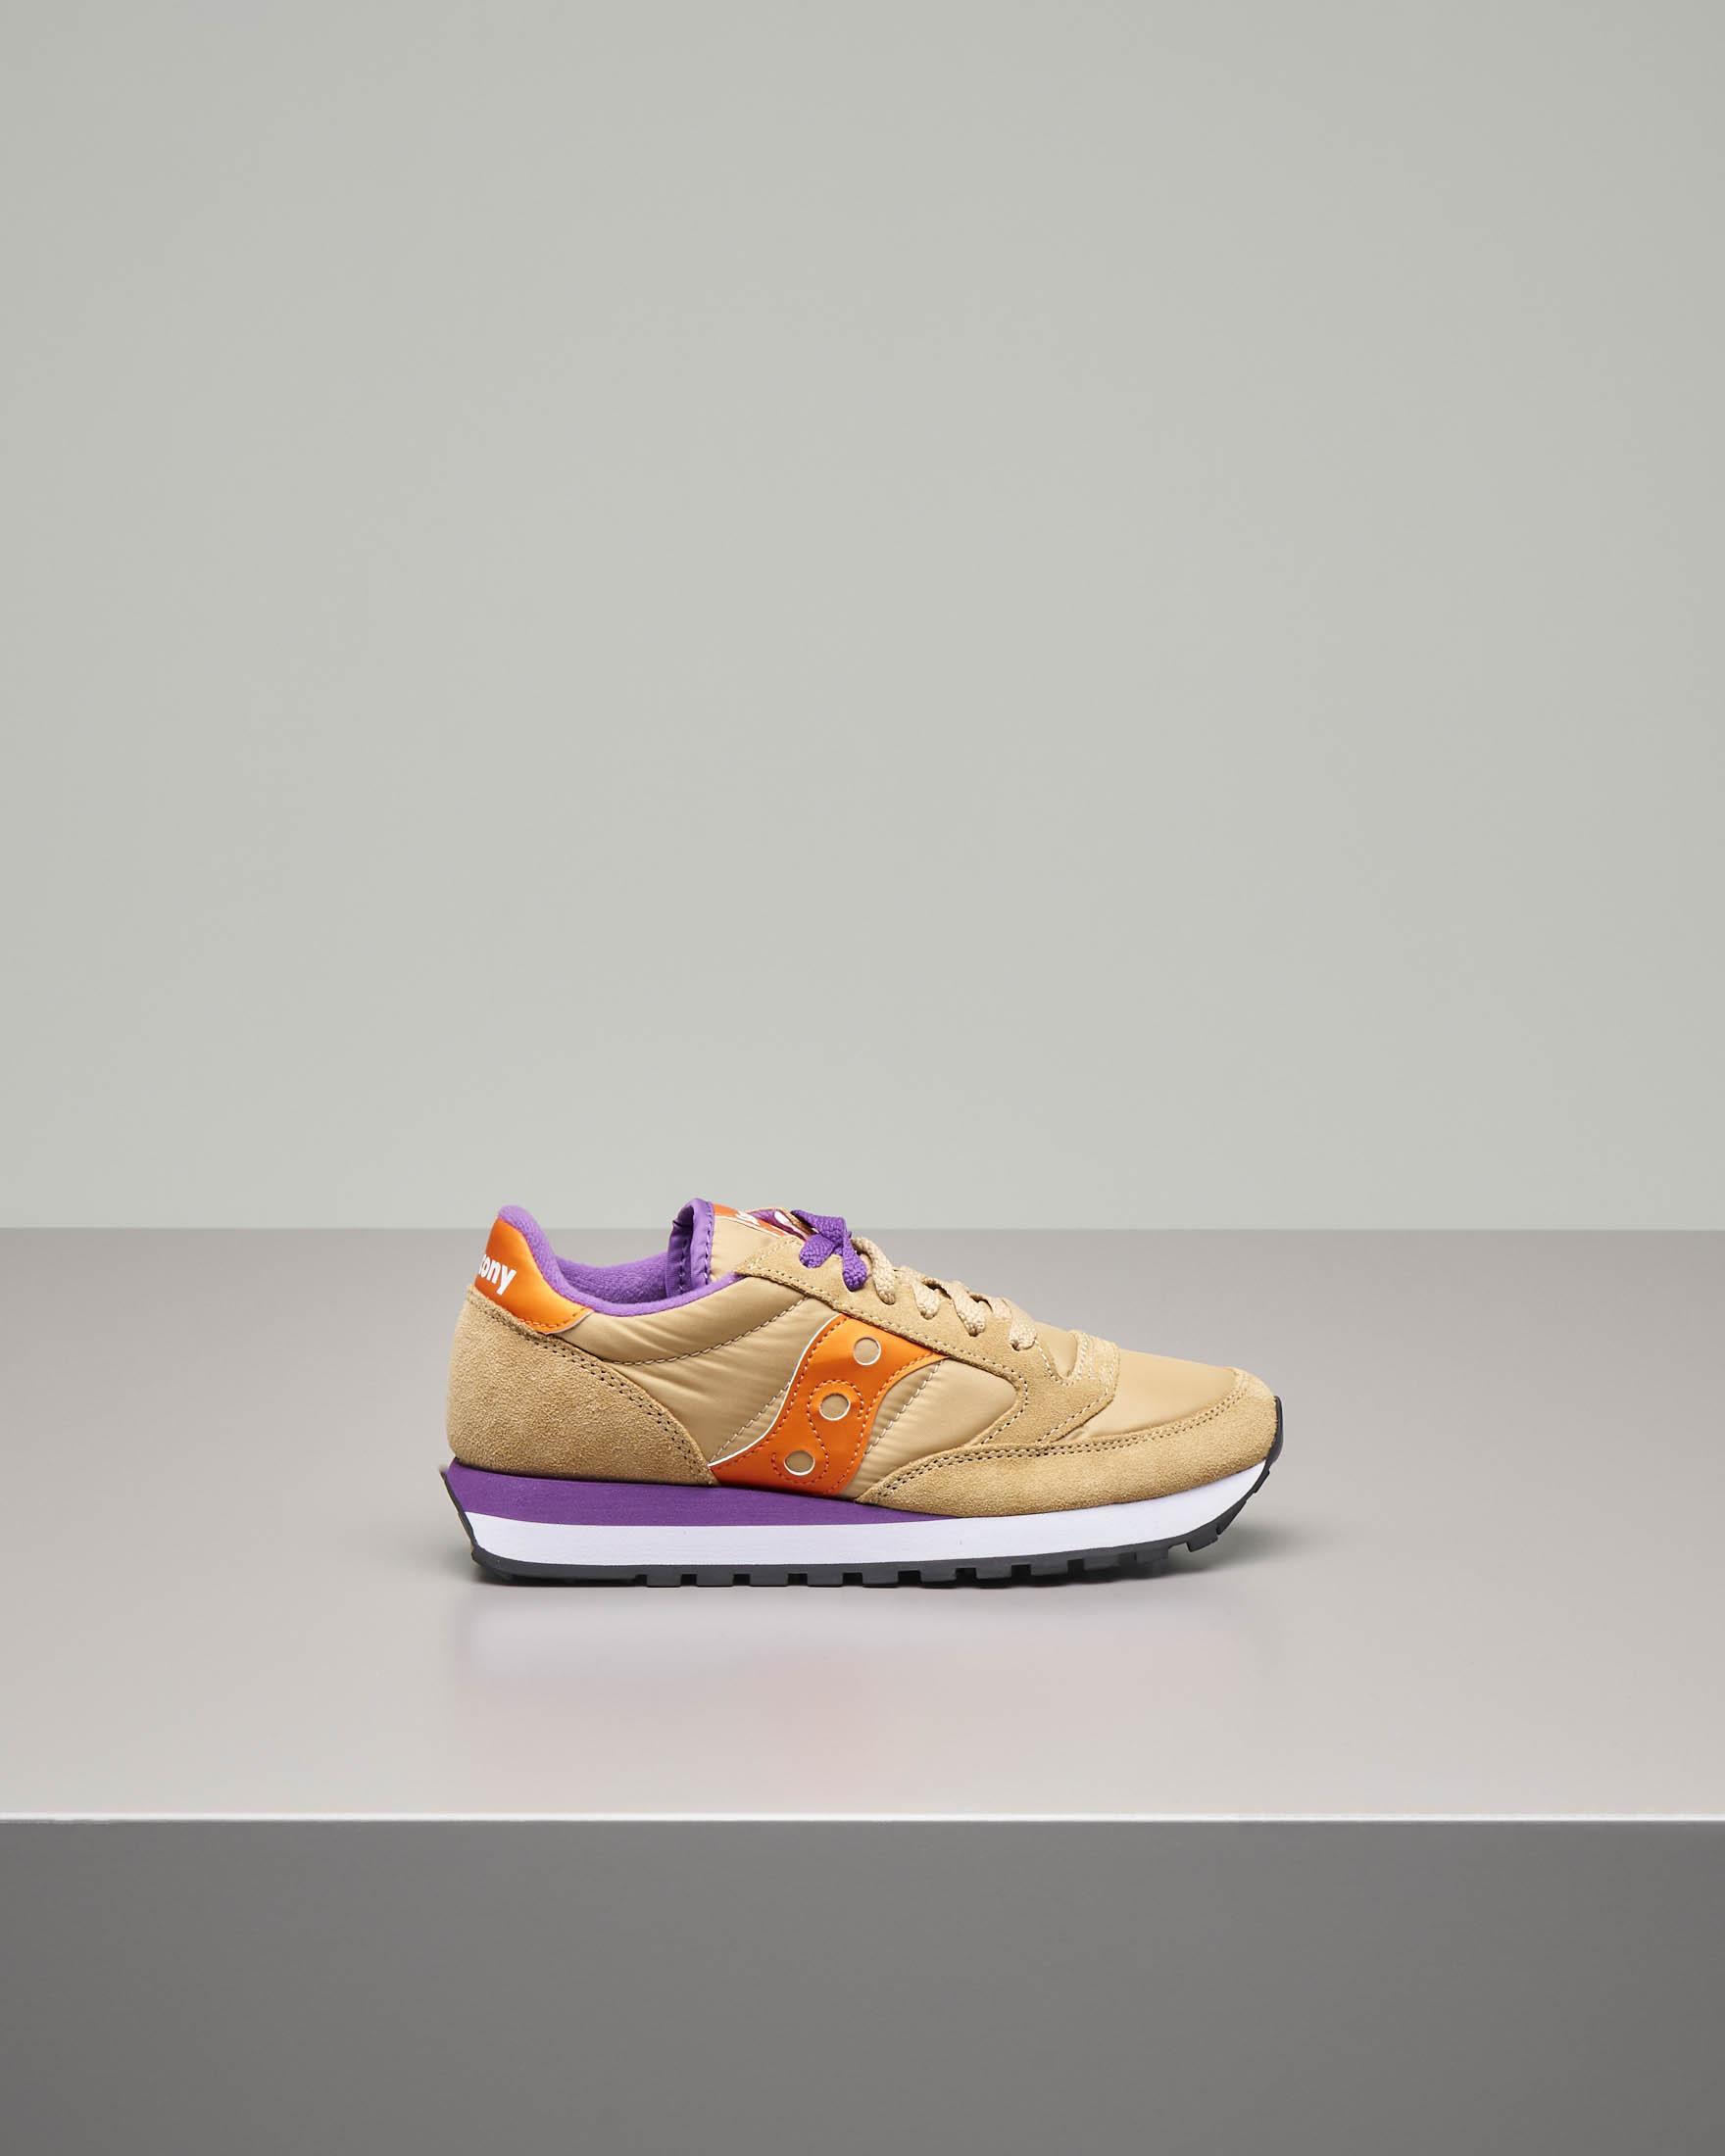 Sneakers Jazz O' color cammello con dettagli viola e arancione